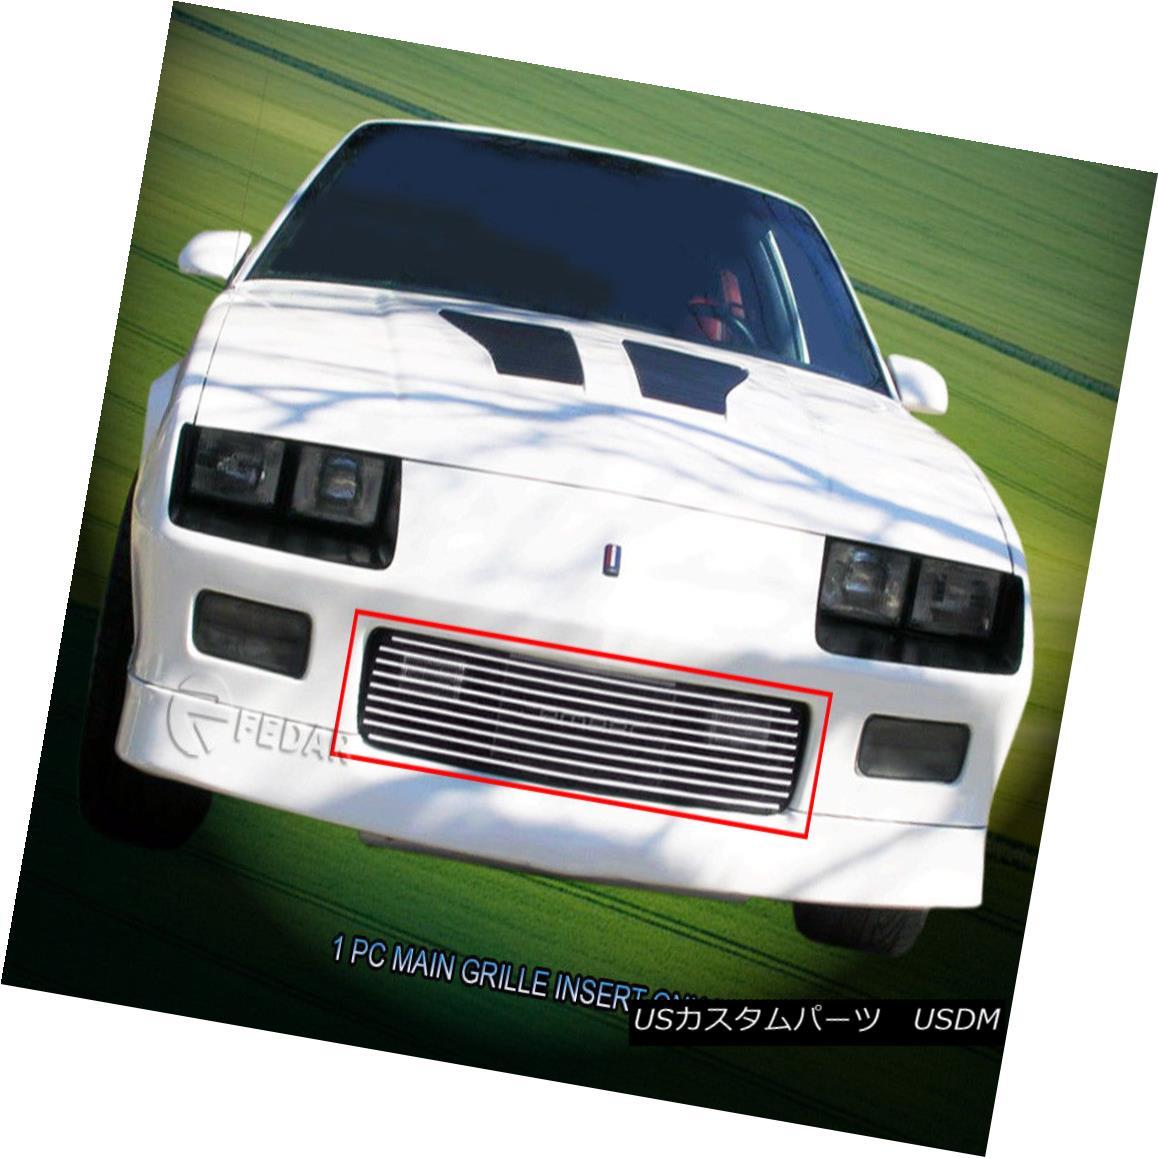 グリル Fits 1982 83 84 85 86 1987 Chevy Camaro Z28 Billet Grille Bumper Insert Fedar 適合1982 83 84 85 86 1987シボレーカマロZ28ビレットグリルバンパーインサートFedar